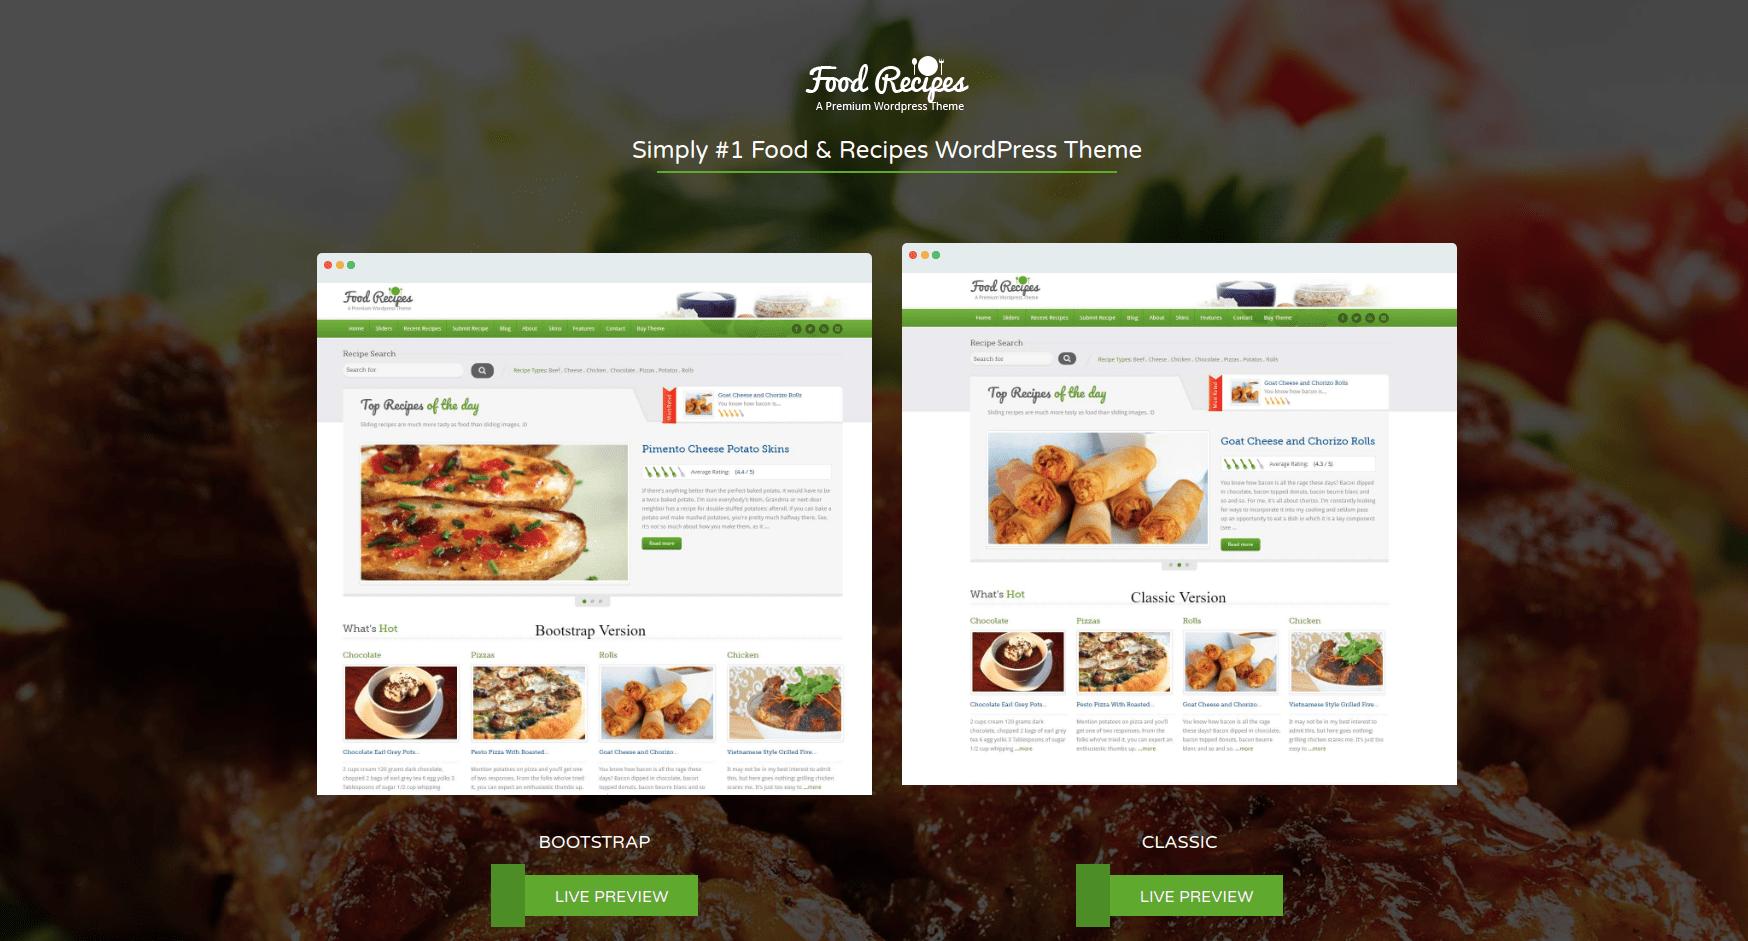 foodrecipes